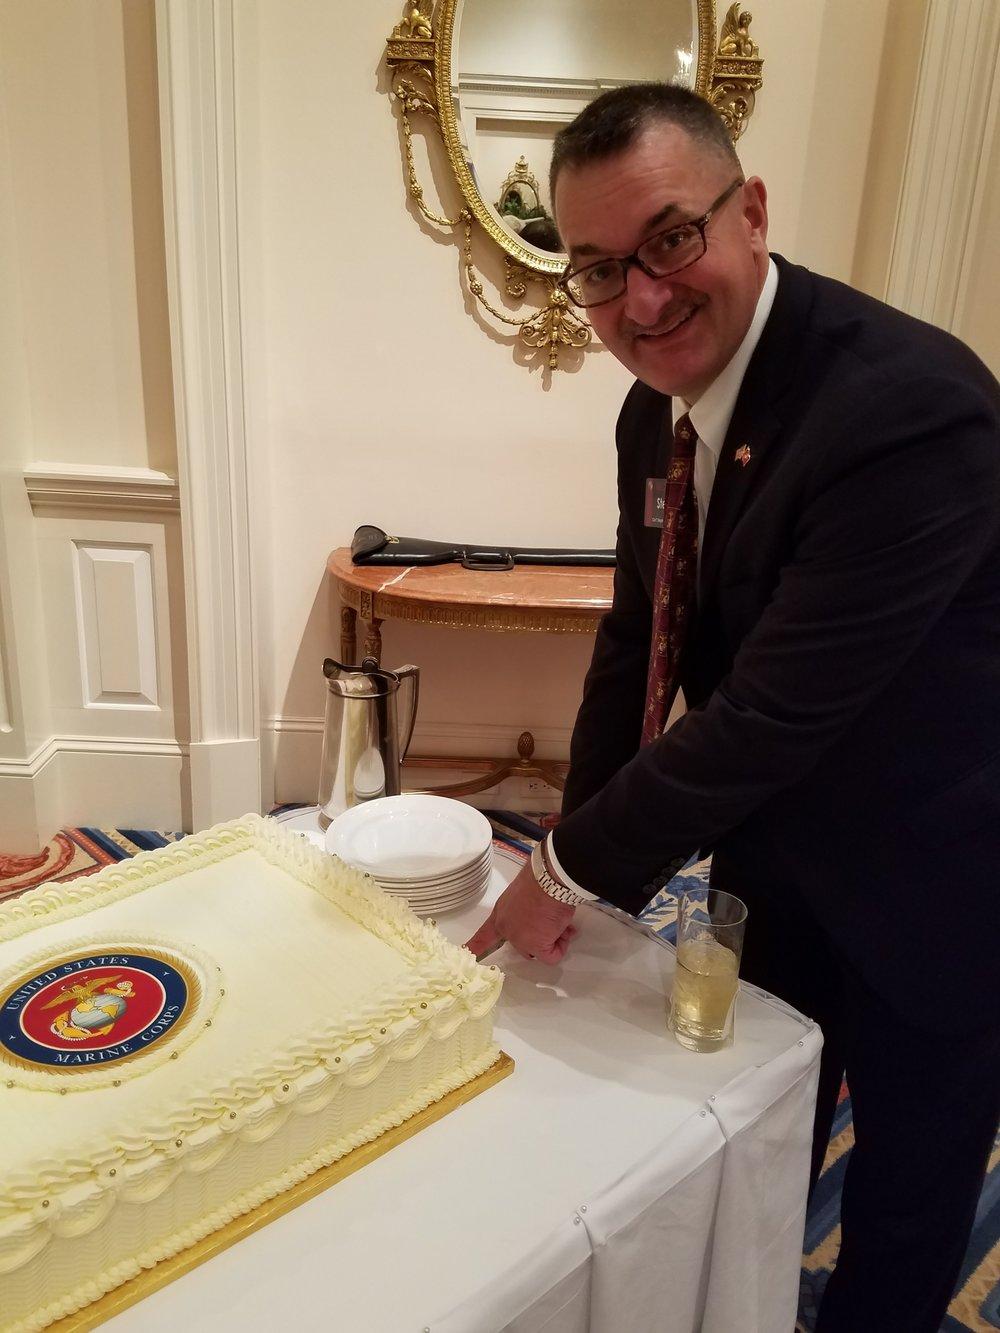 USMC Birthday 2018 - 2018-11-09 17.03.31 (Betsy S.).jpg